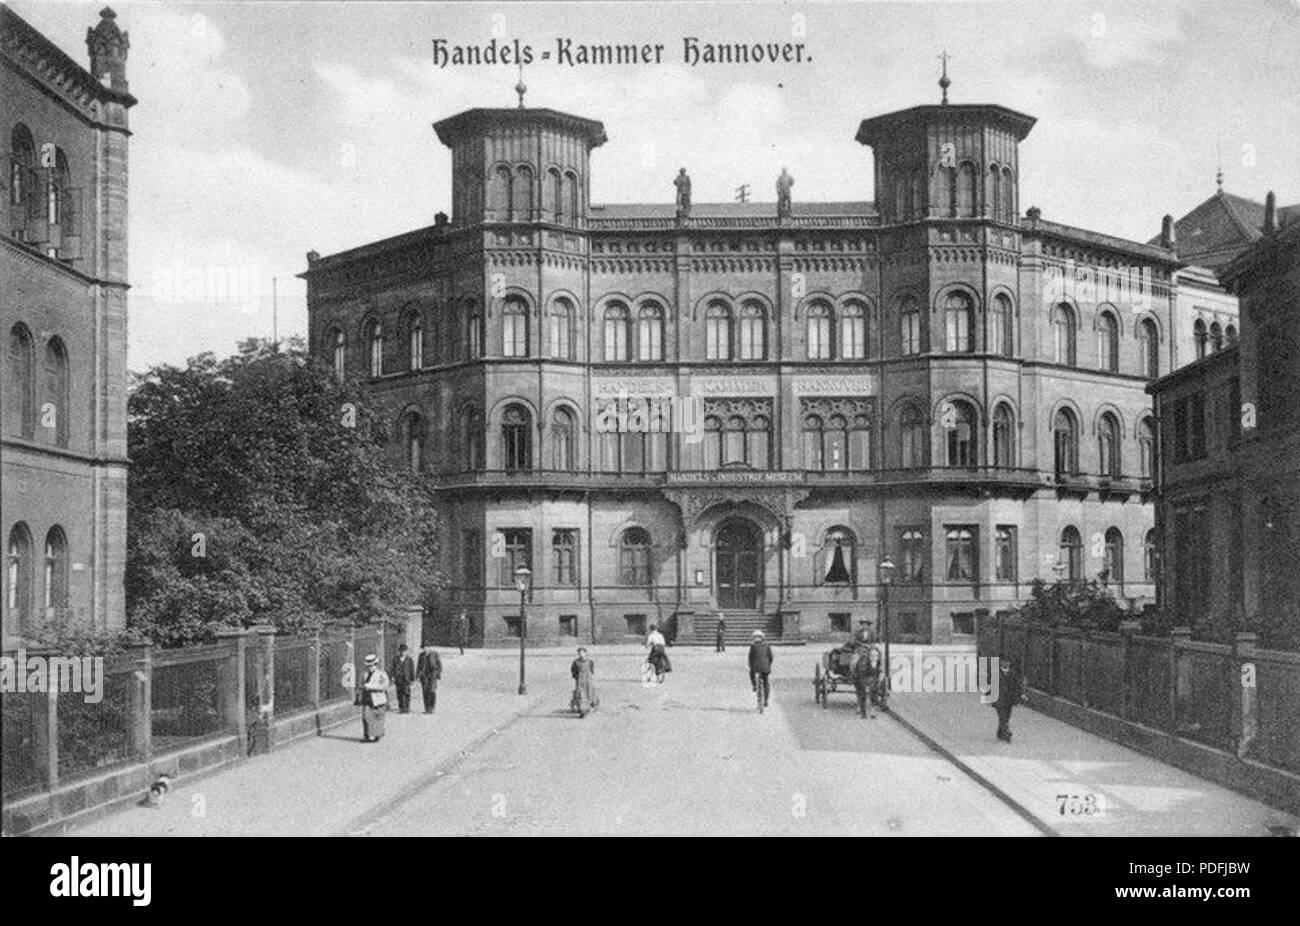 149 Handels-Kammer Hannover - Stock Image